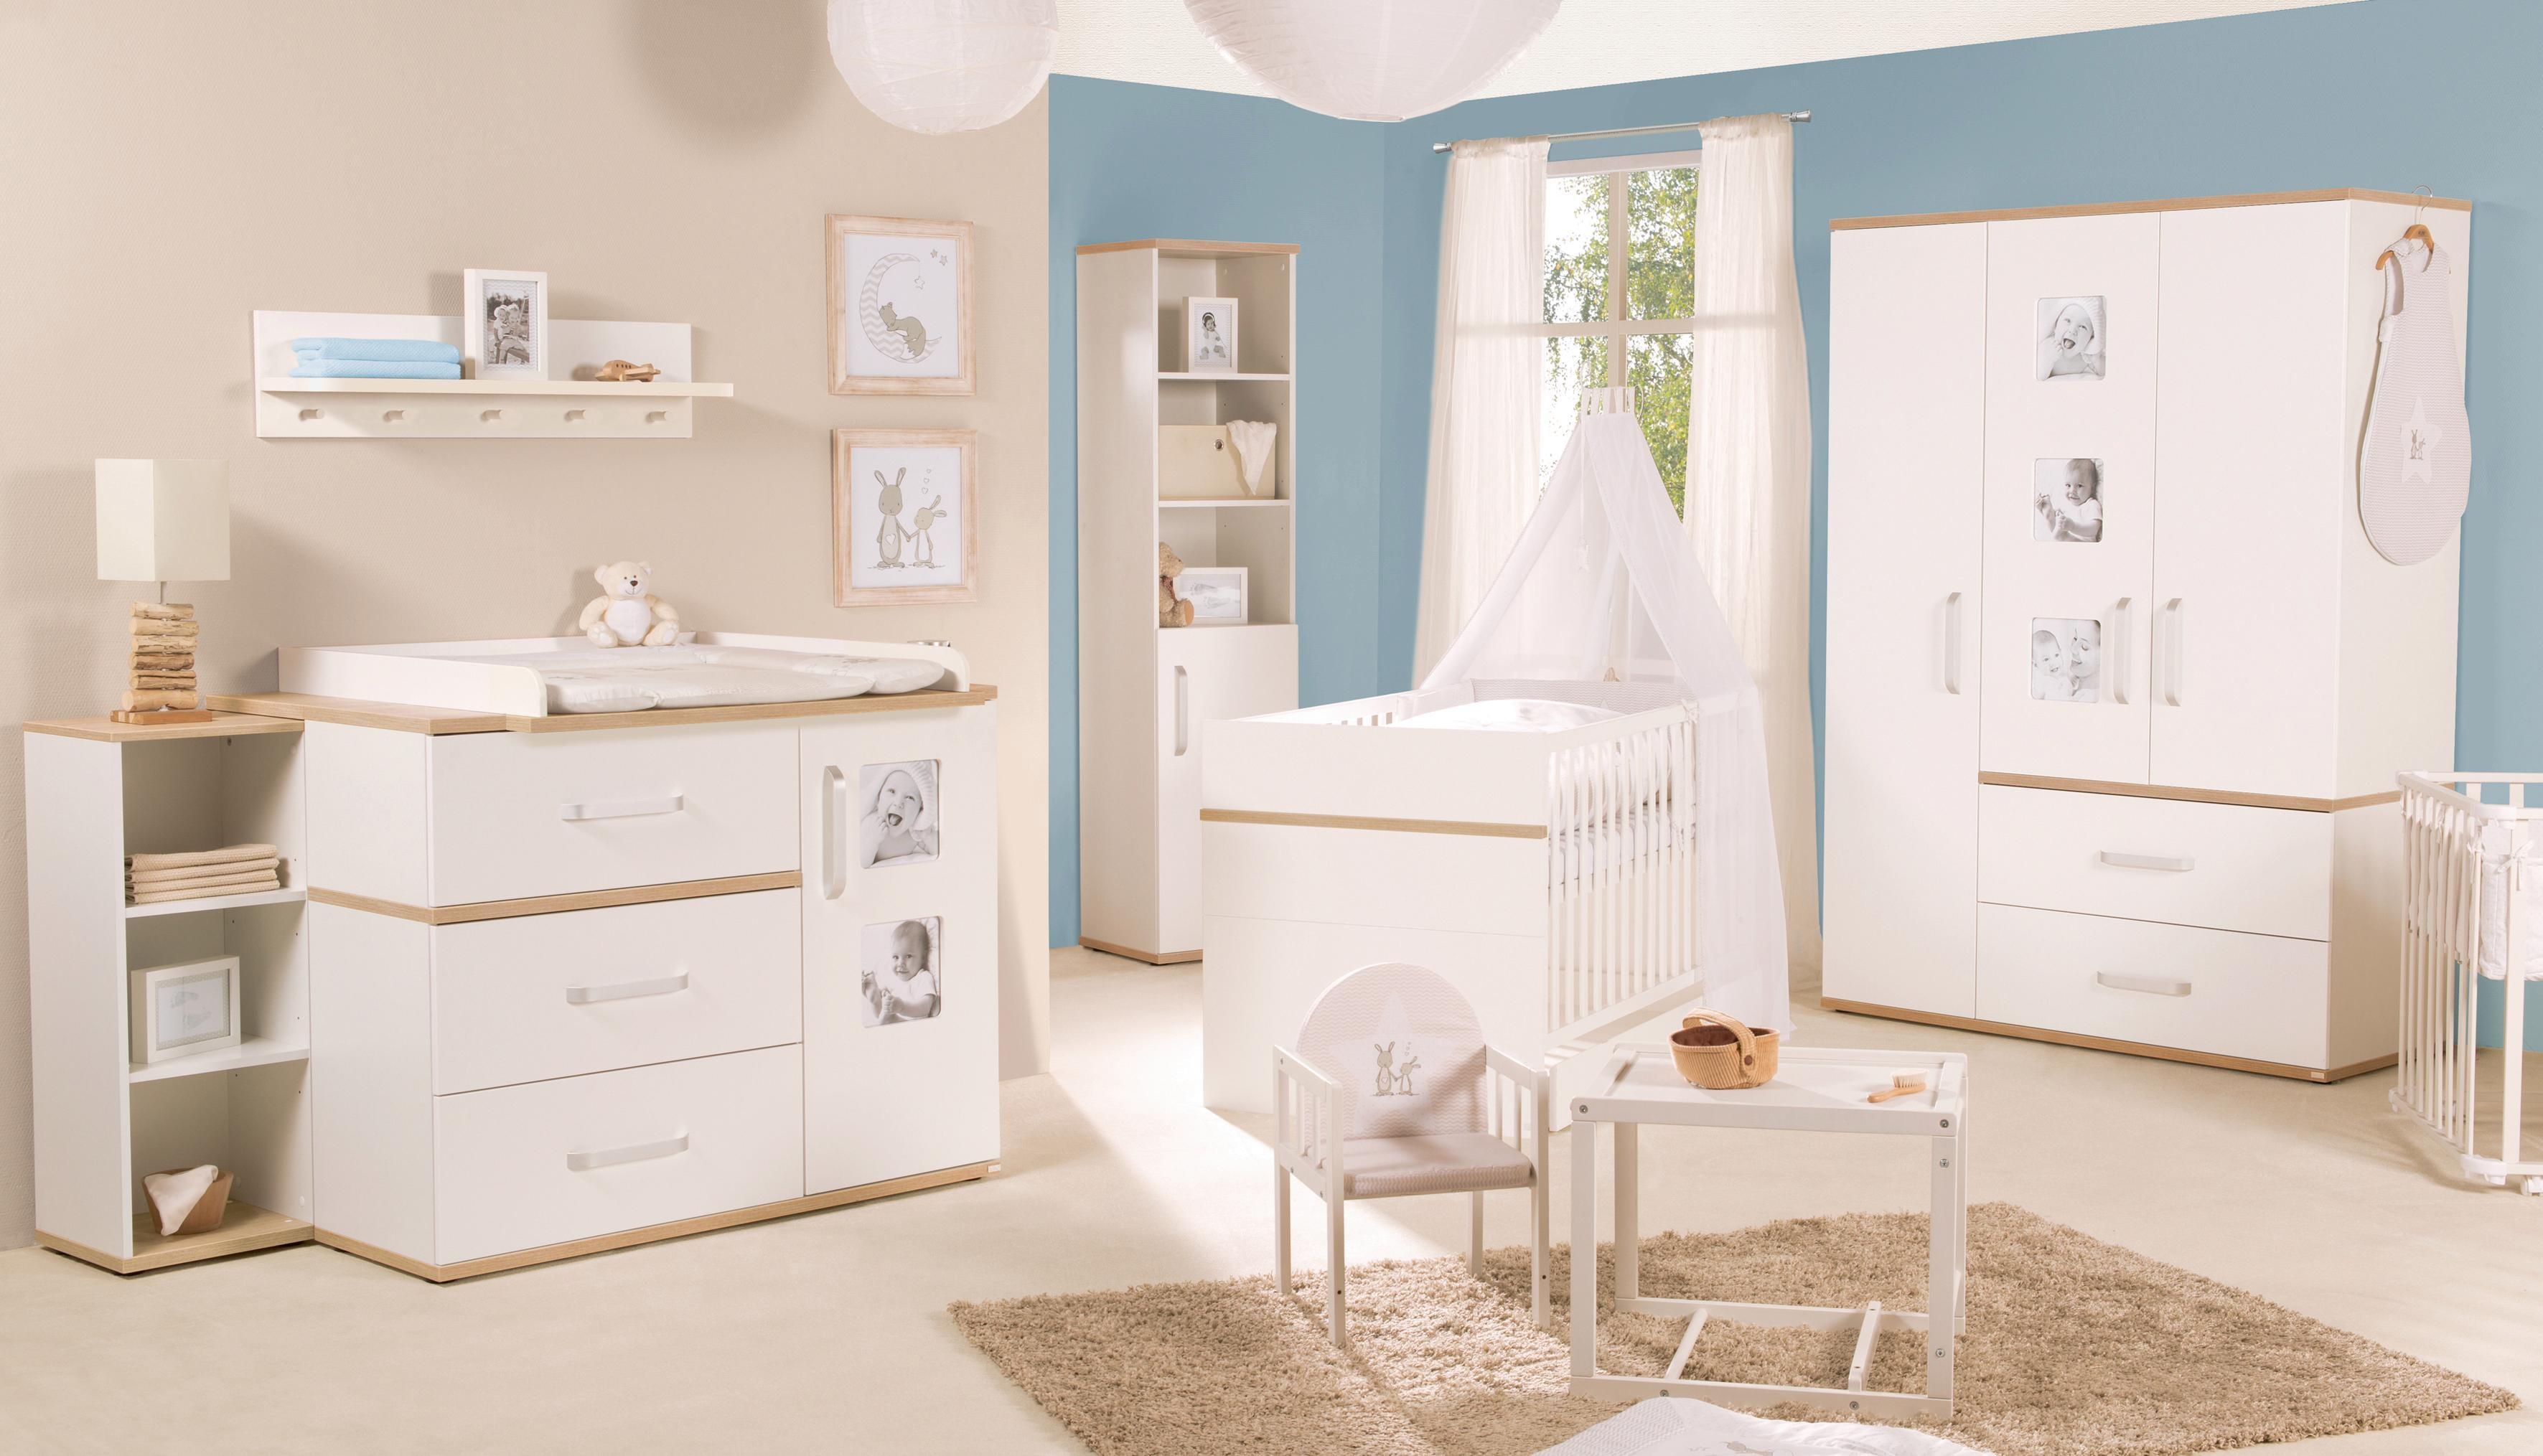 Roba Kinderzimmer Set (3-tlg.), »Pia breit« kaufen | BAUR